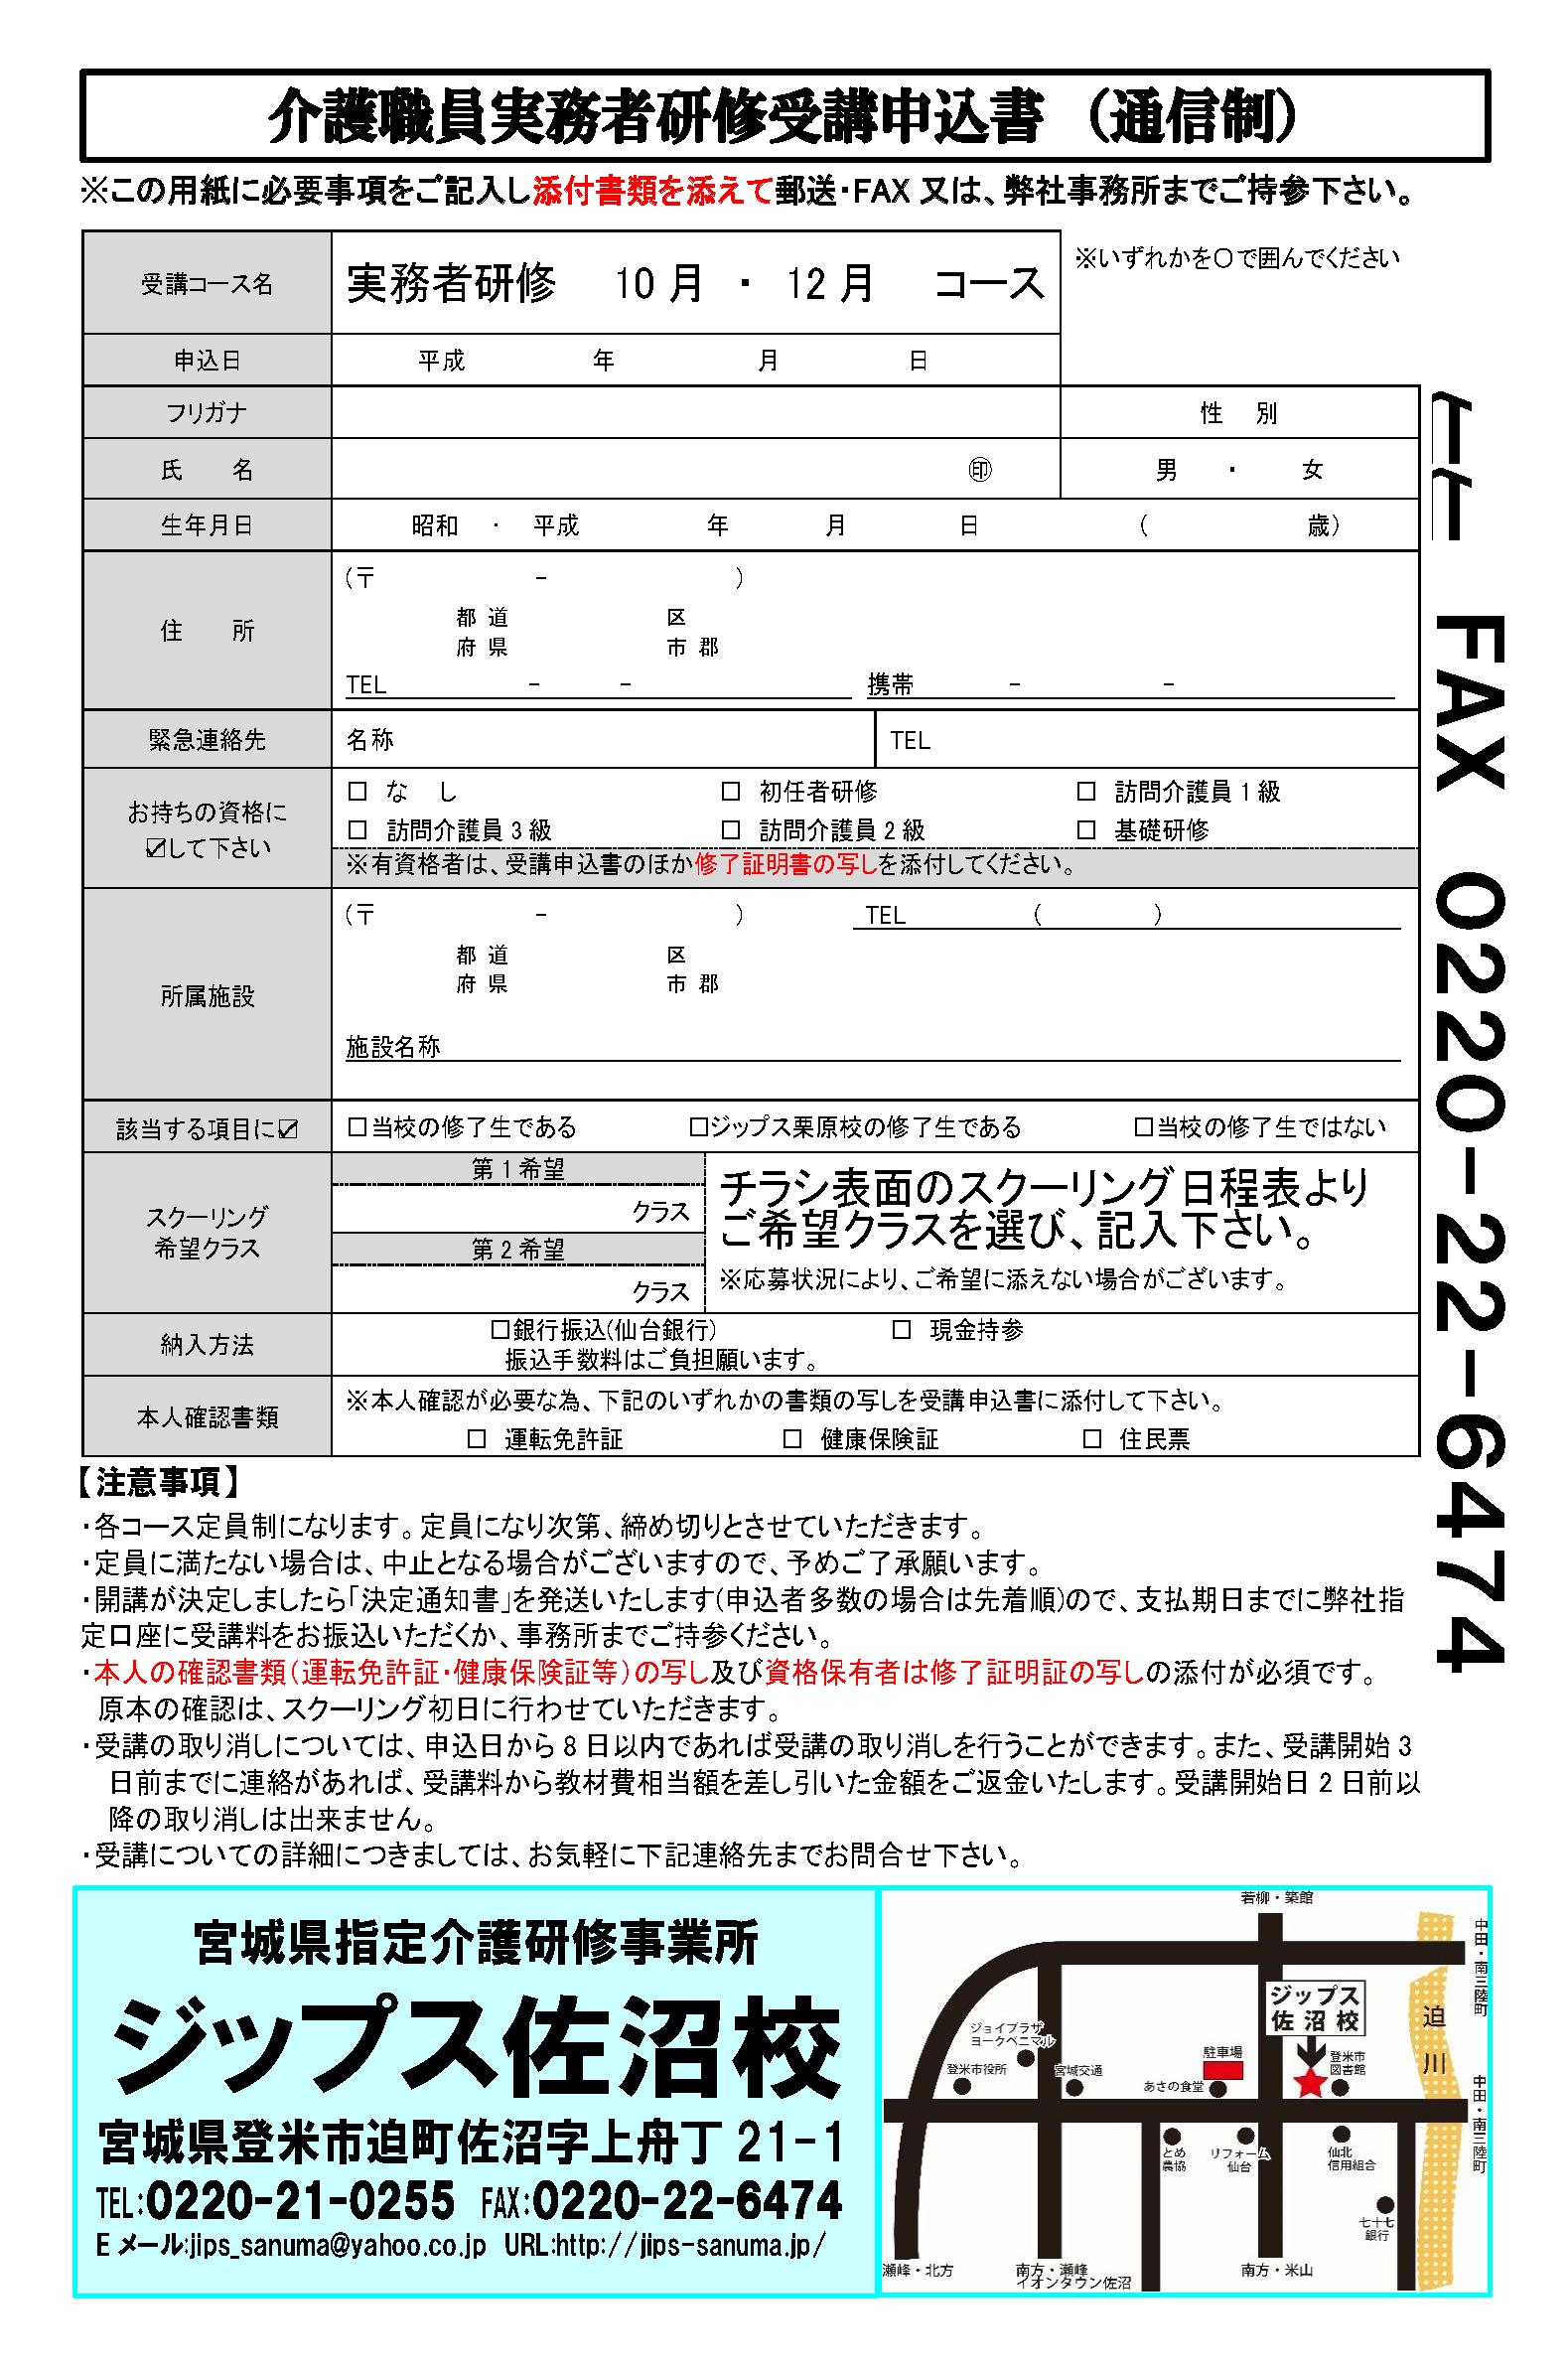 実務者募集チラシ10月(登米市以外)_ページ_2